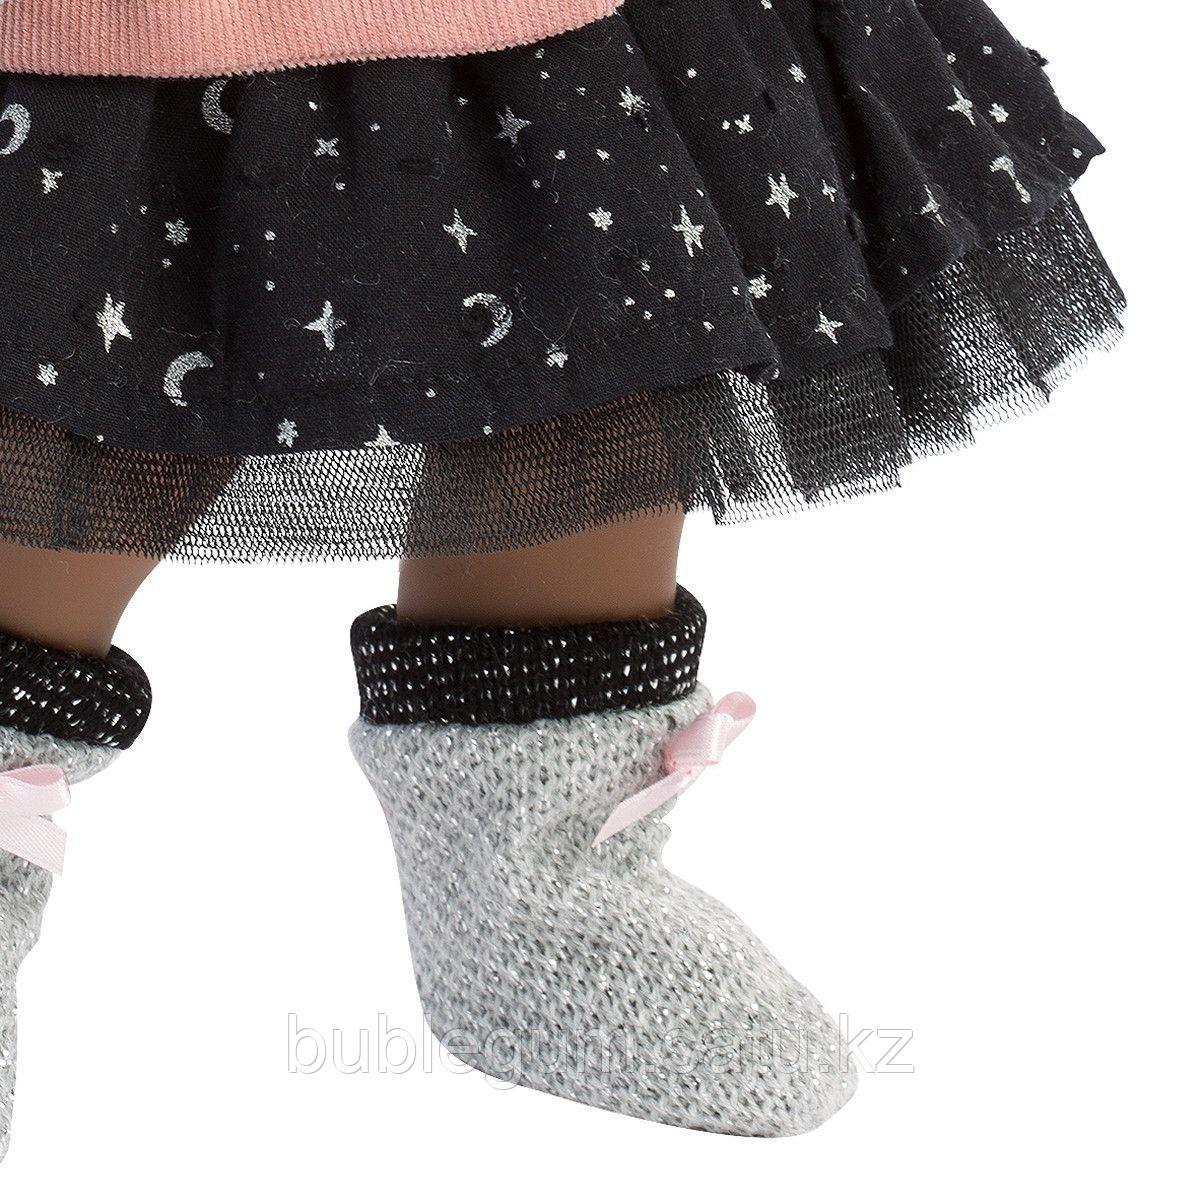 LLORENS:Кукла Зури 35см, мулатка в розовом жакете и черной кружевной юбке - фото 3